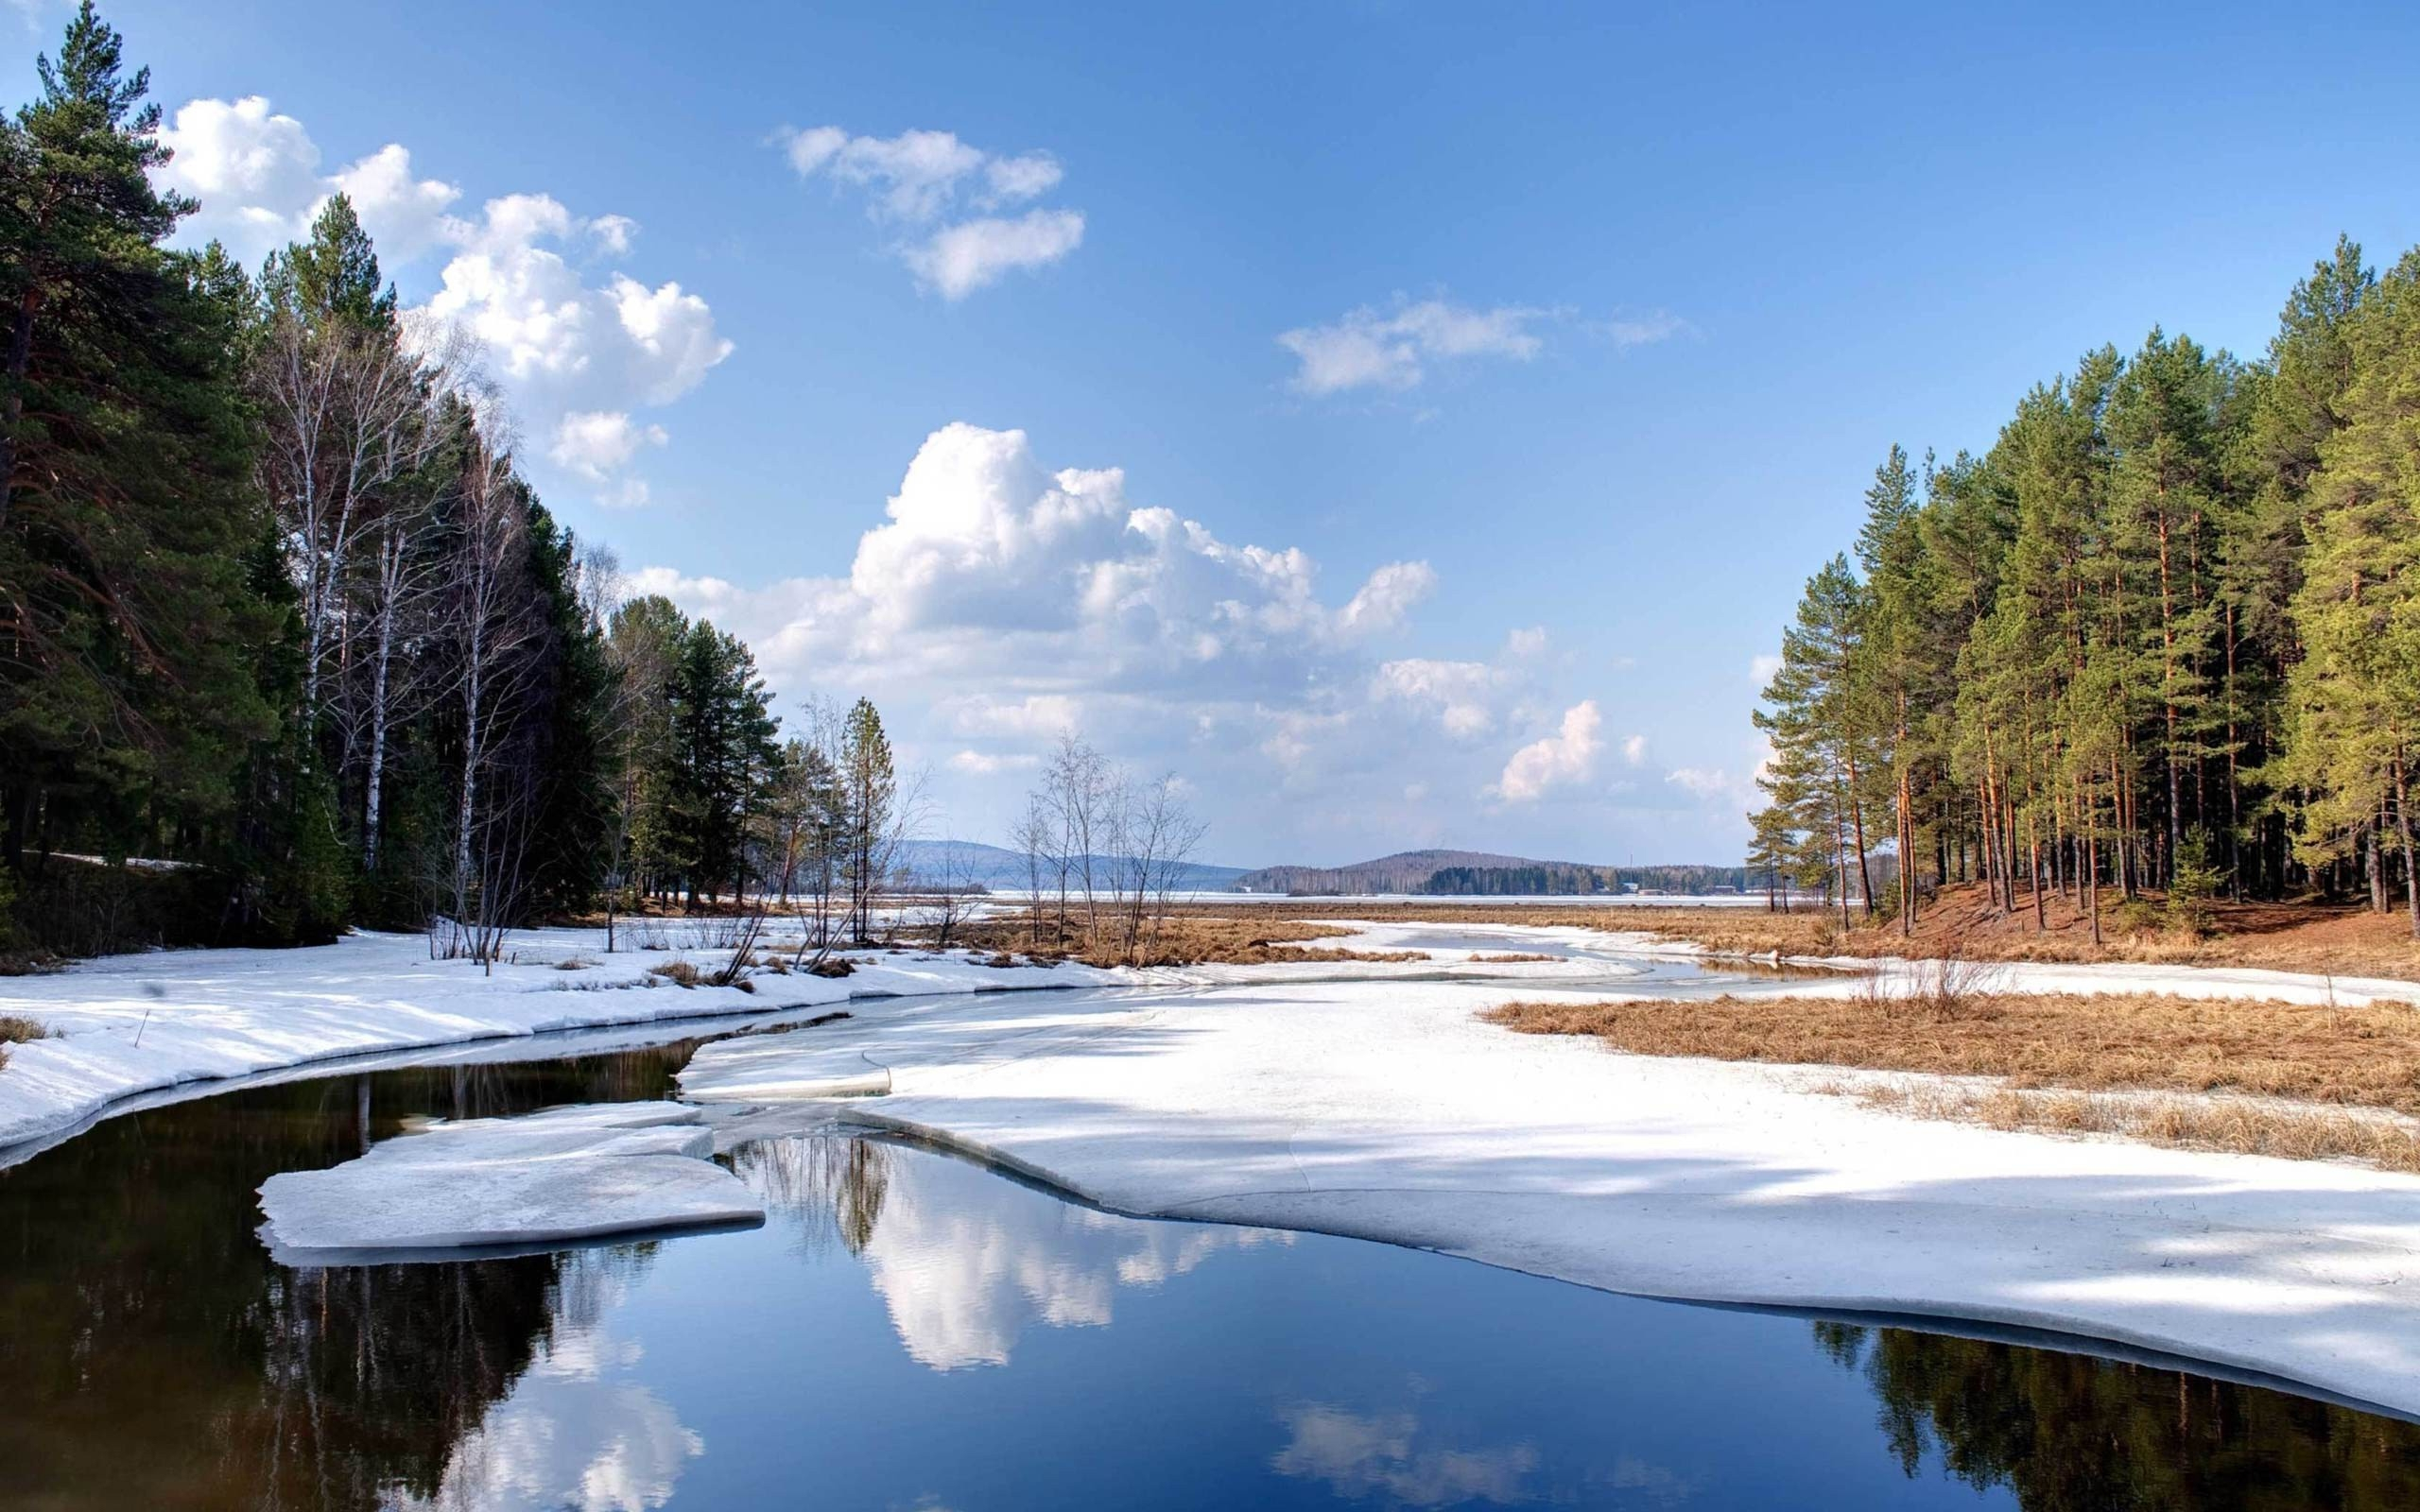 24956 скачать обои Пейзаж, Река, Деревья, Небо, Лед, Облака - заставки и картинки бесплатно